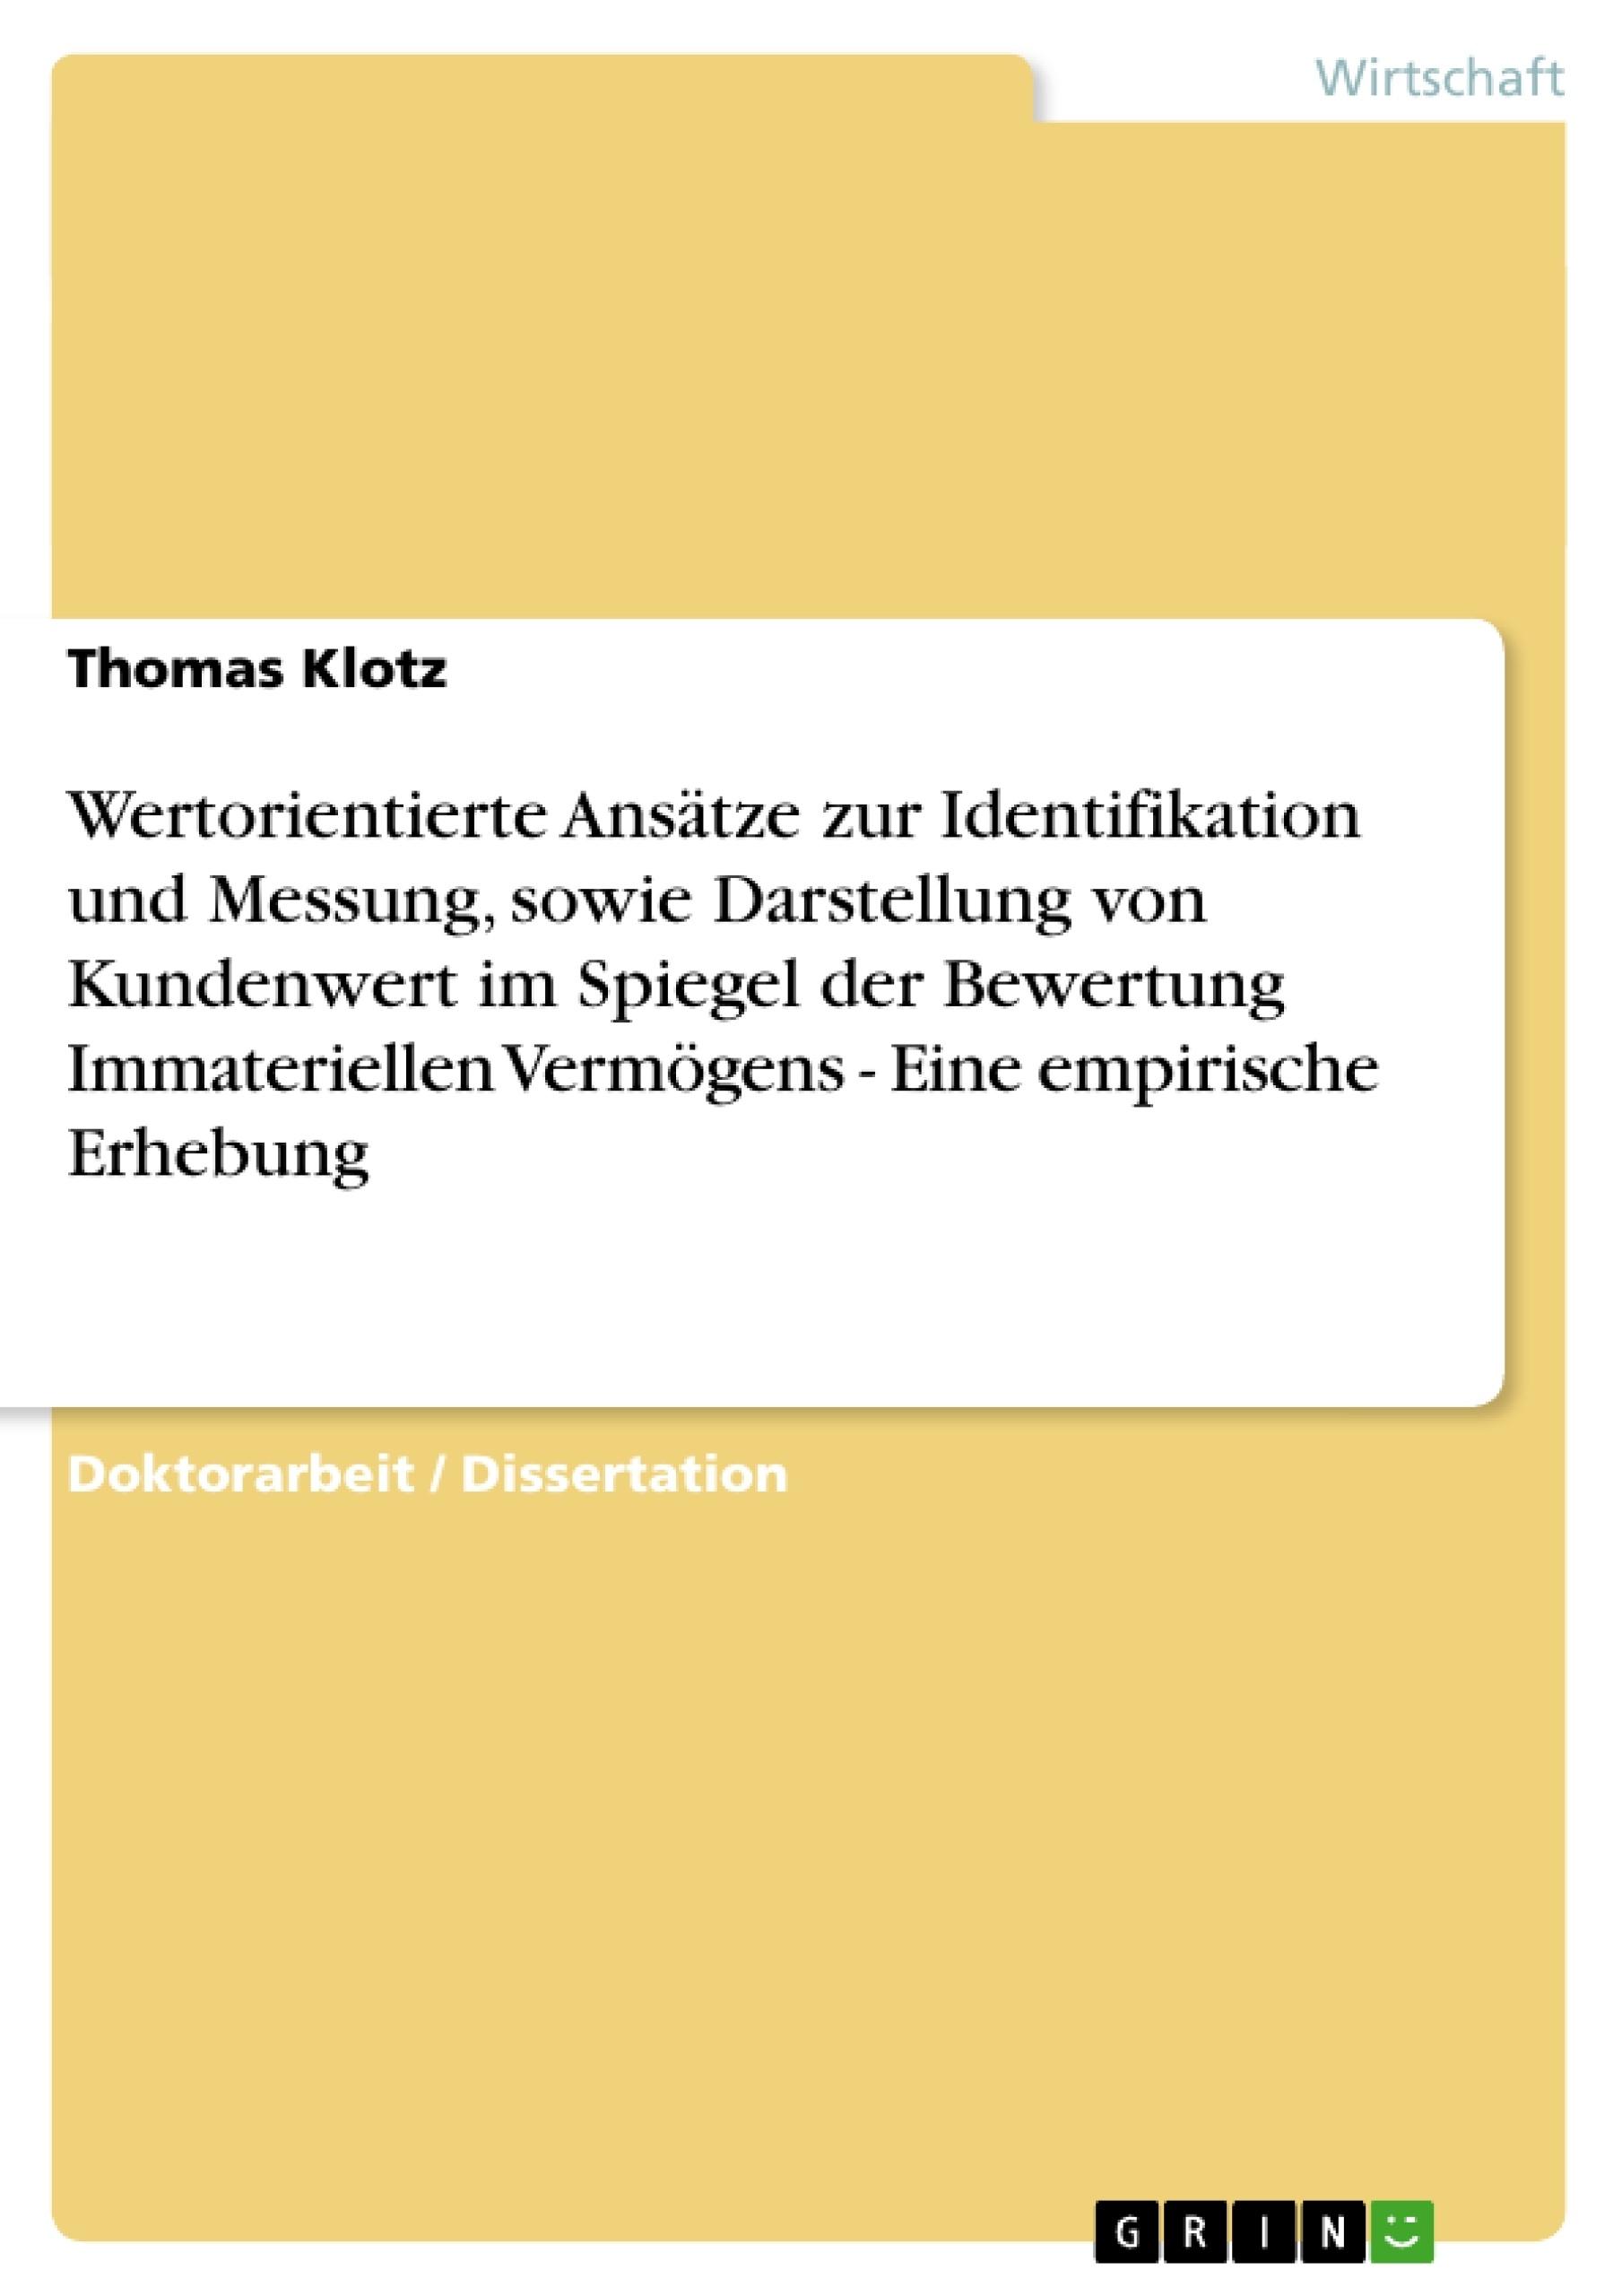 Titel: Wertorientierte Ansätze zur Identifikation und Messung, sowie Darstellung von Kundenwert im Spiegel der Bewertung Immateriellen Vermögens - Eine empirische Erhebung